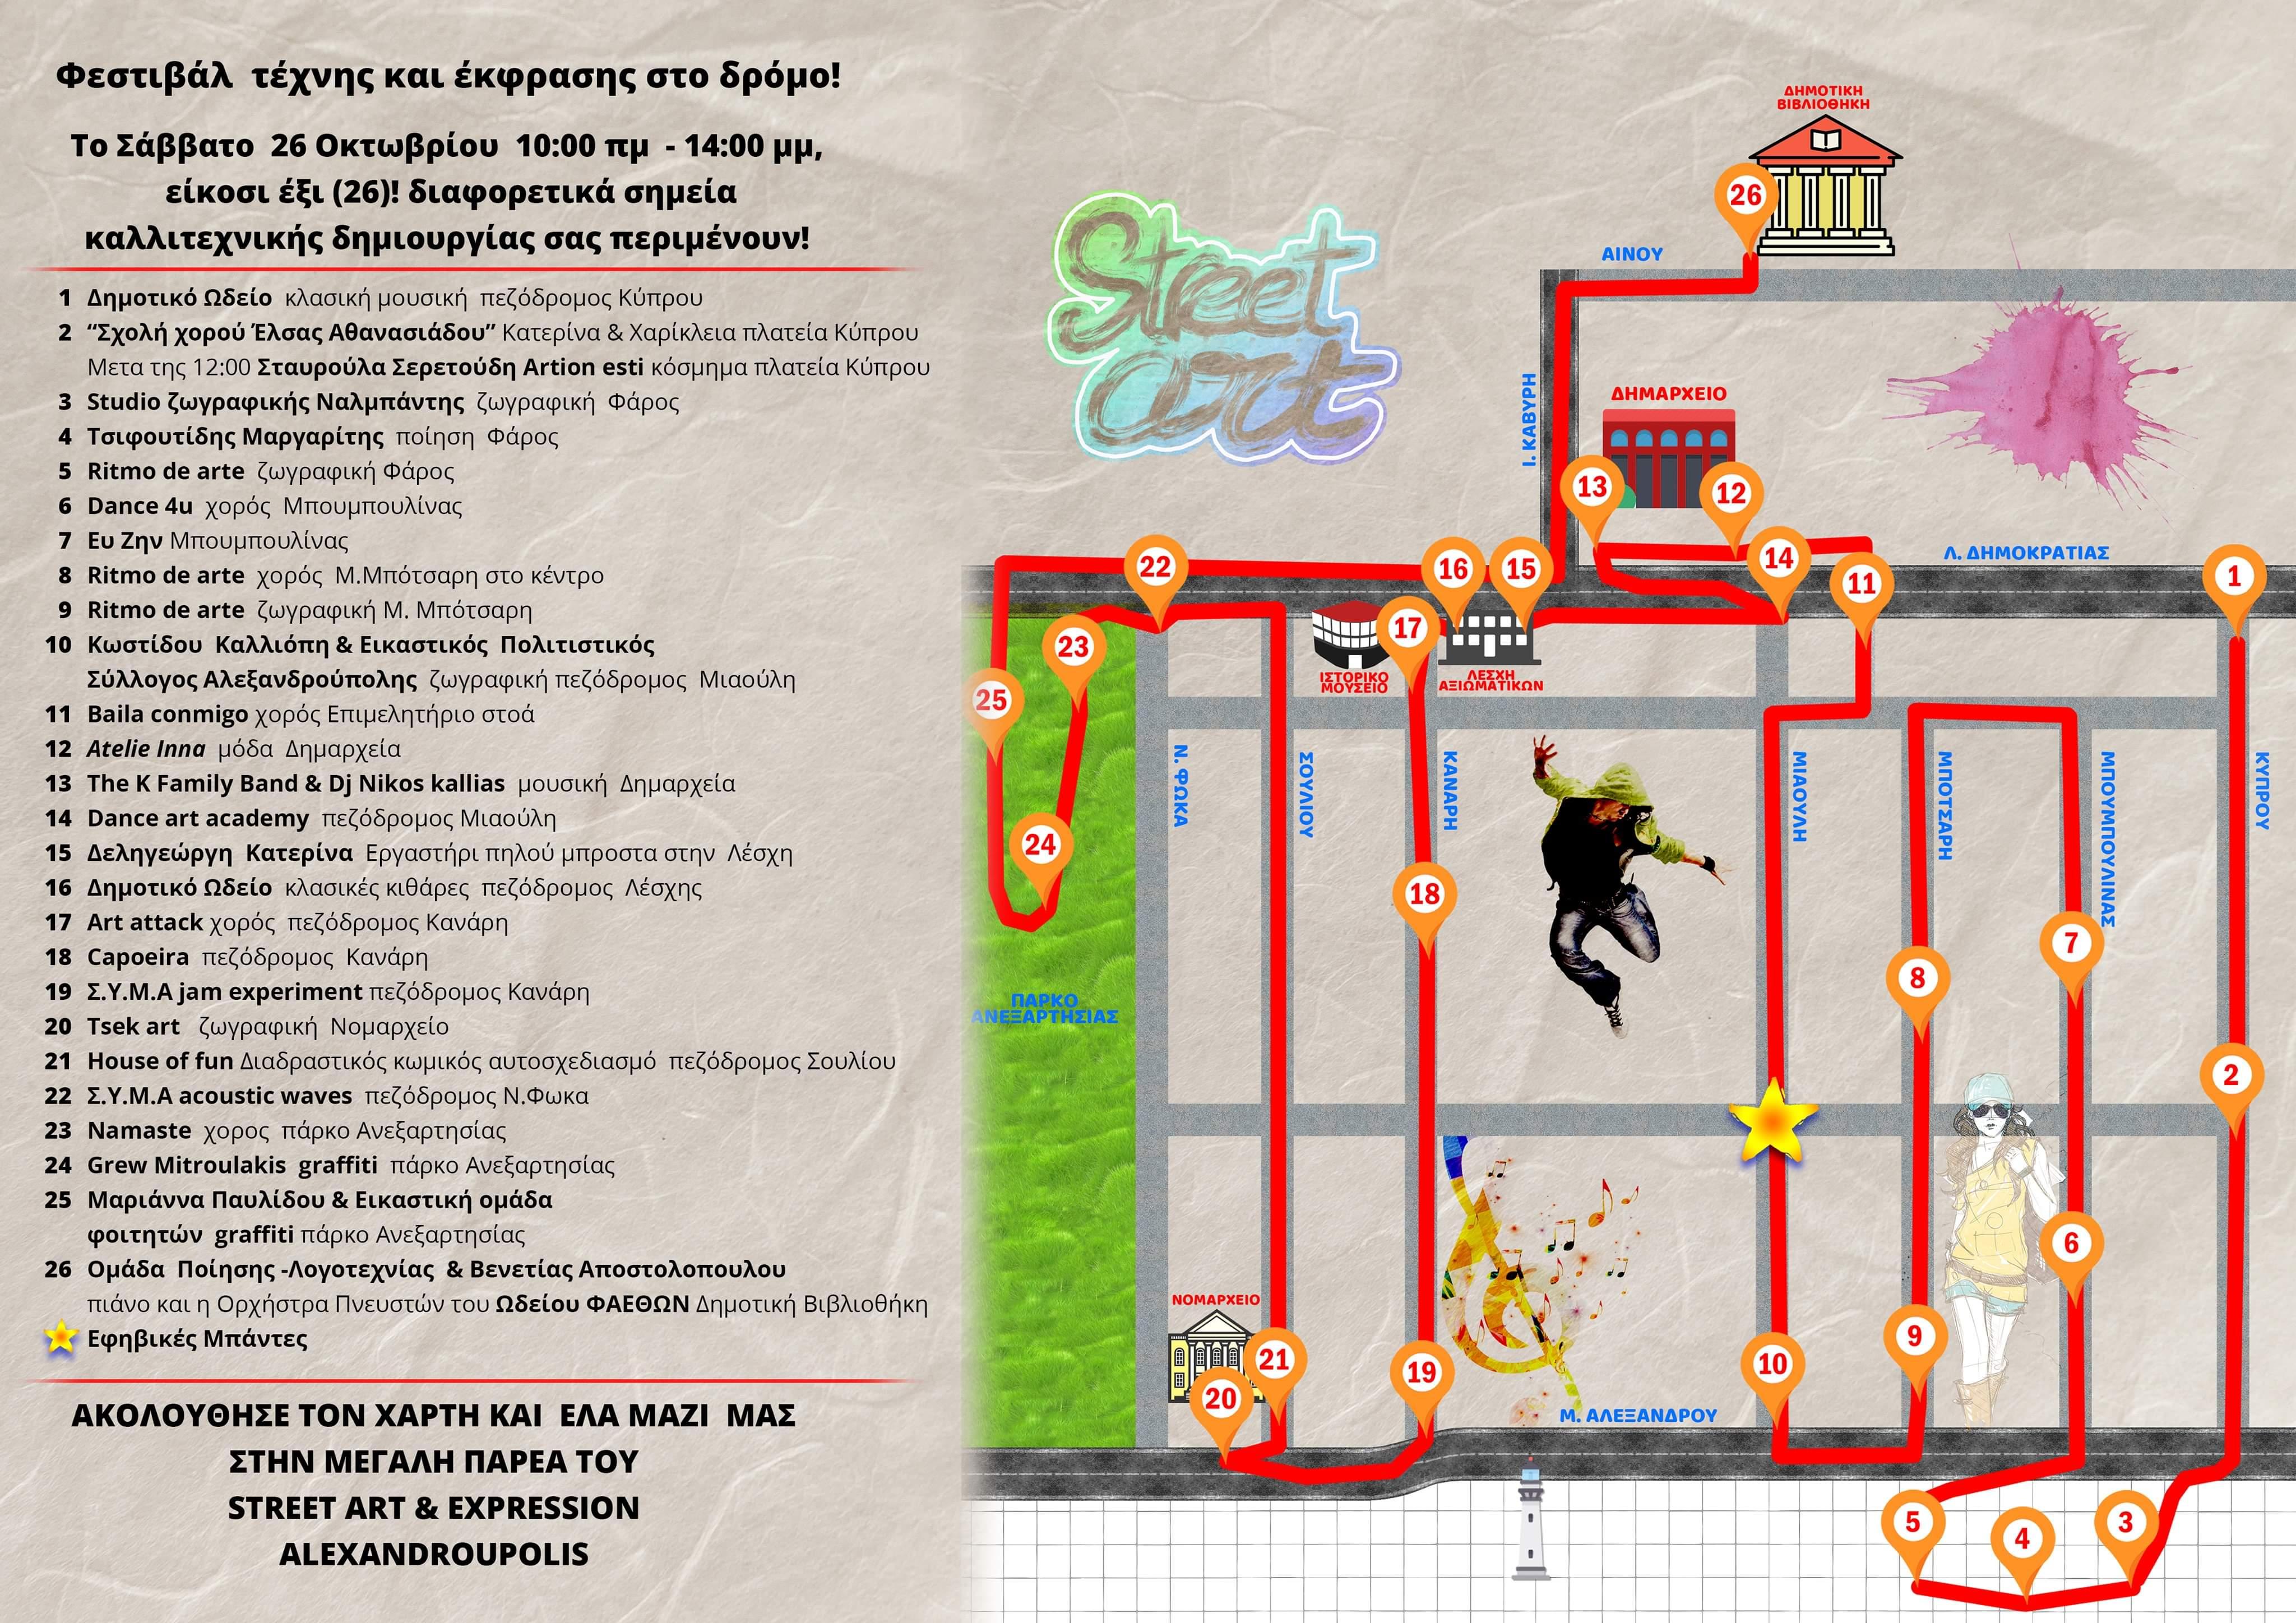 Φεστιβάλ τέχνης και έκφρασης στον δρόμο το Σάββατο 26 Οκτωβρίου στην Αλεξανδρούπολη